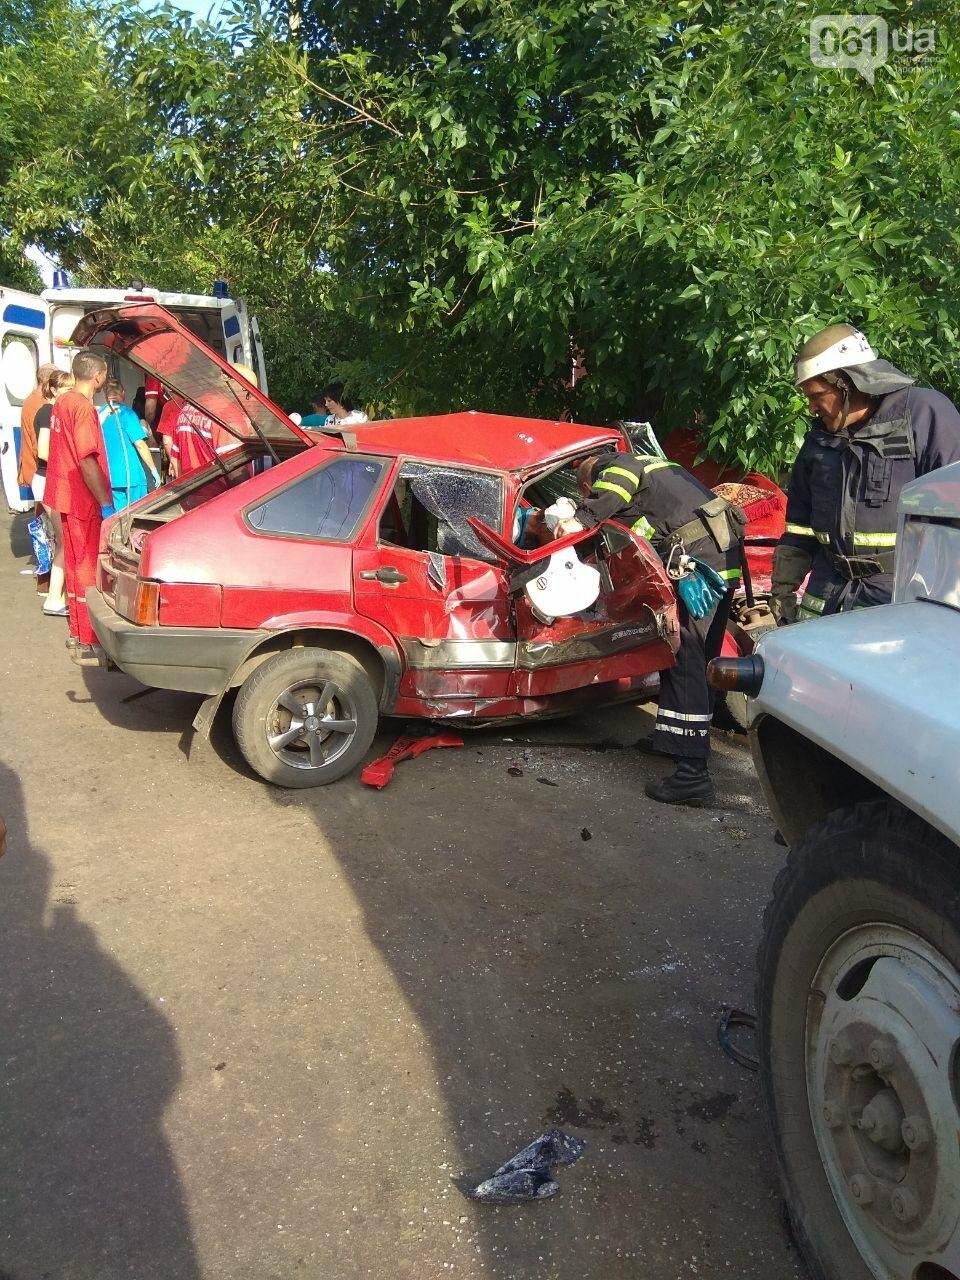 В Бердянске в ДТП пострадали дети - на месте происшествия работало 10 спасателей, - ФОТО, фото-3